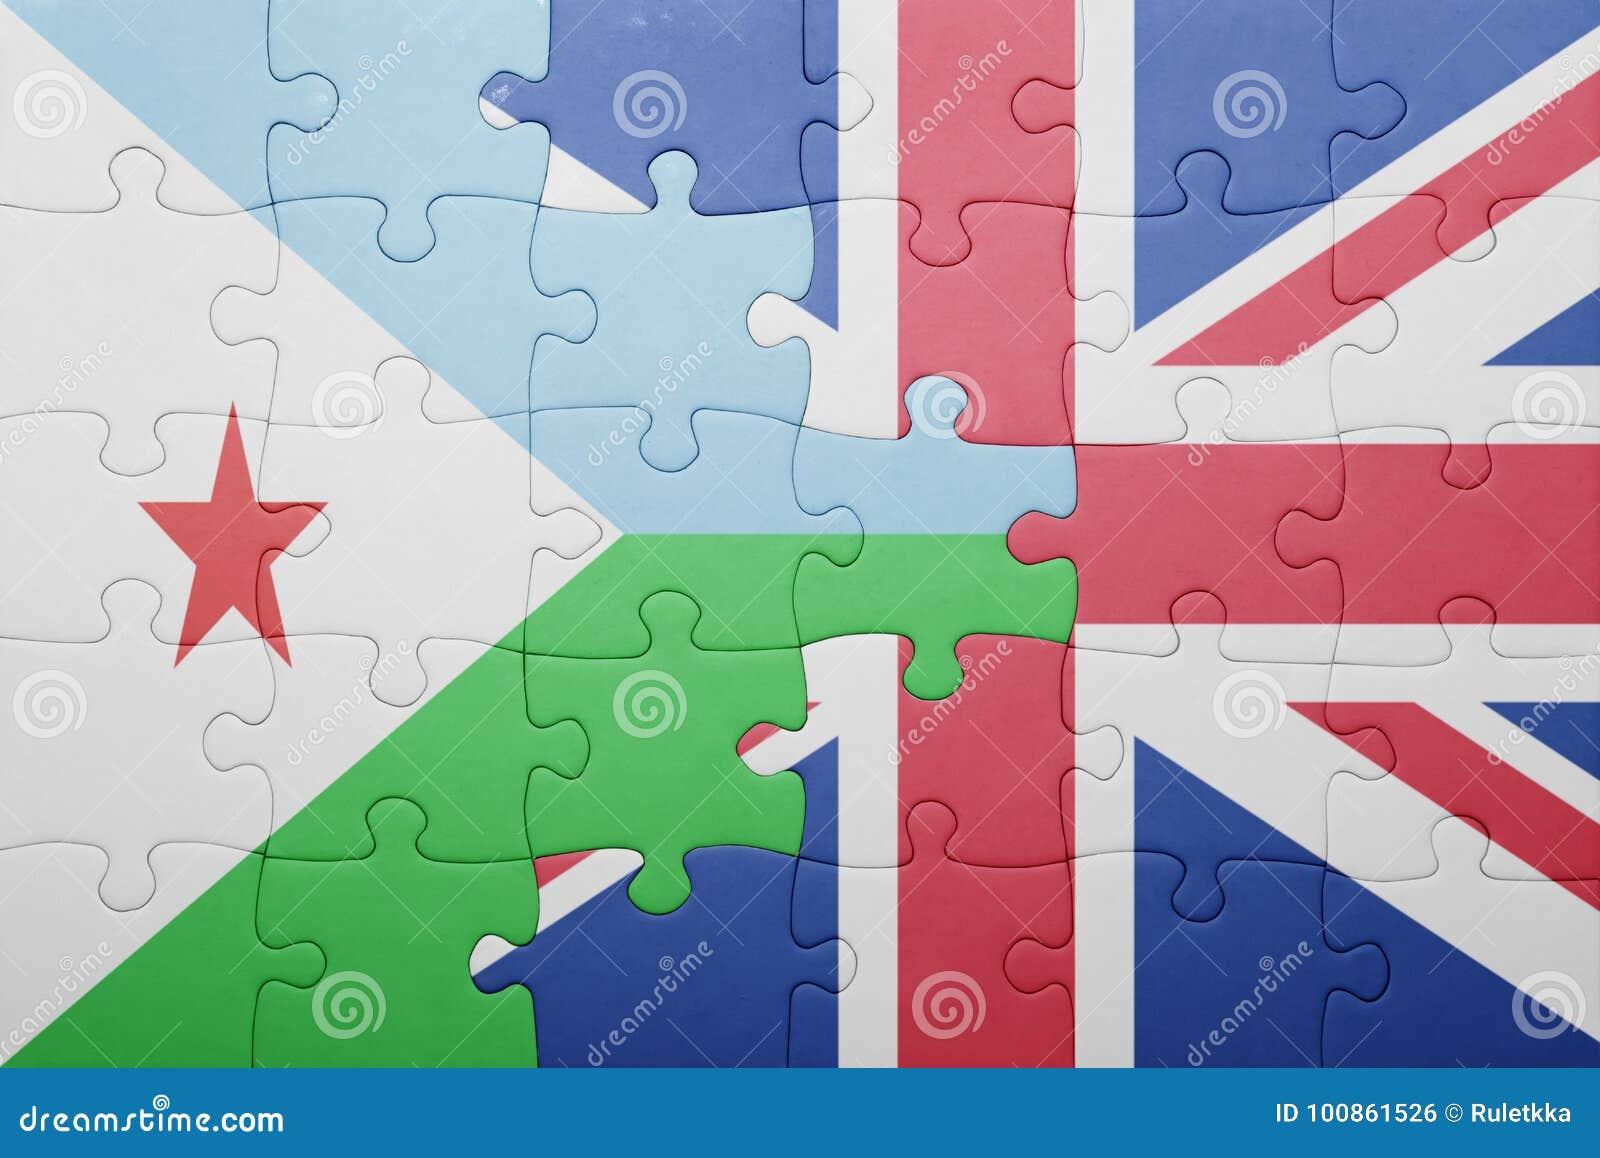 γρίφος με τη εθνική σημαία της Μεγάλης Βρετανίας και του Τζιμπουτί